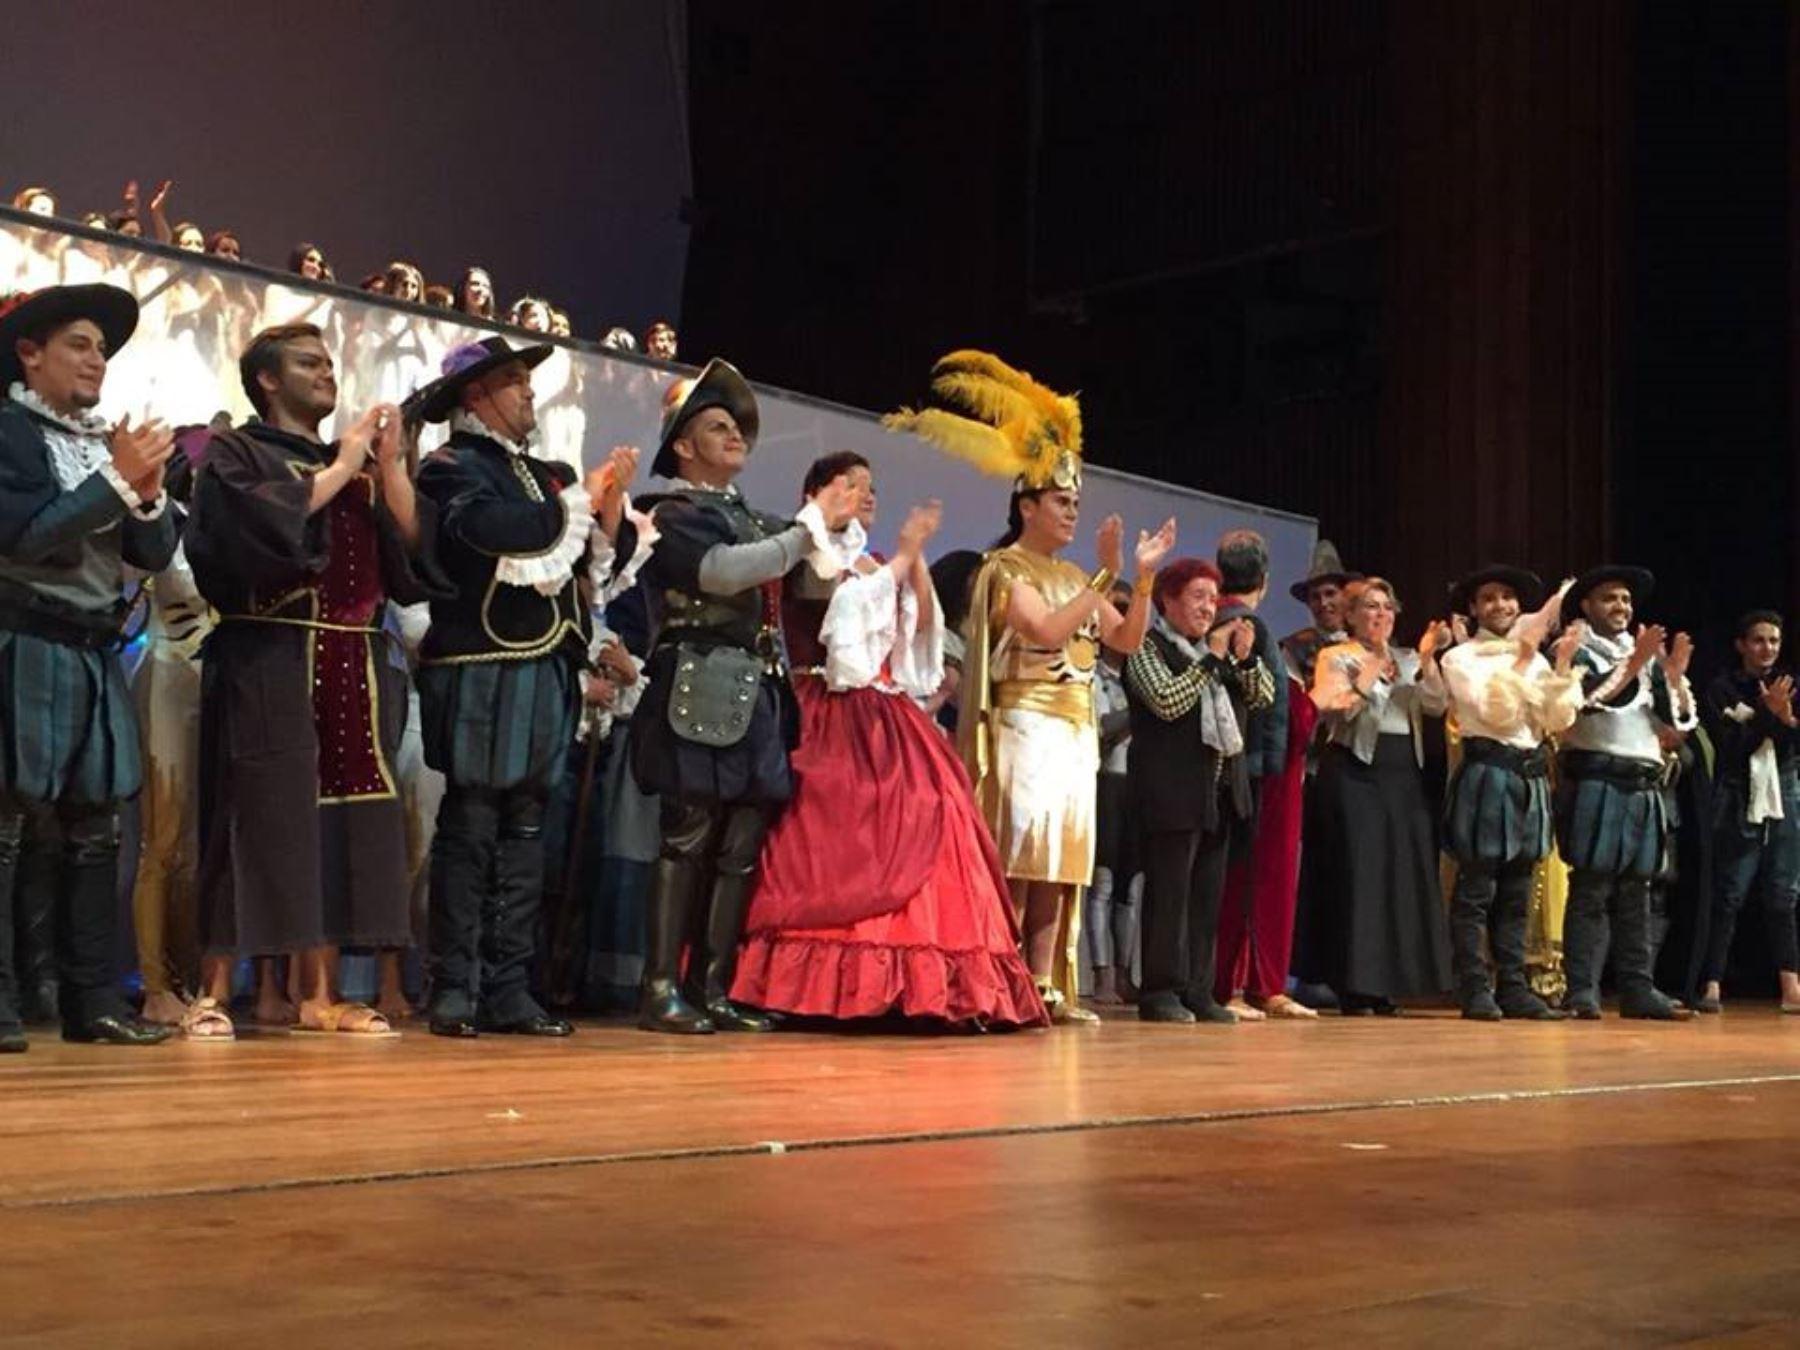 Escena de la ópera